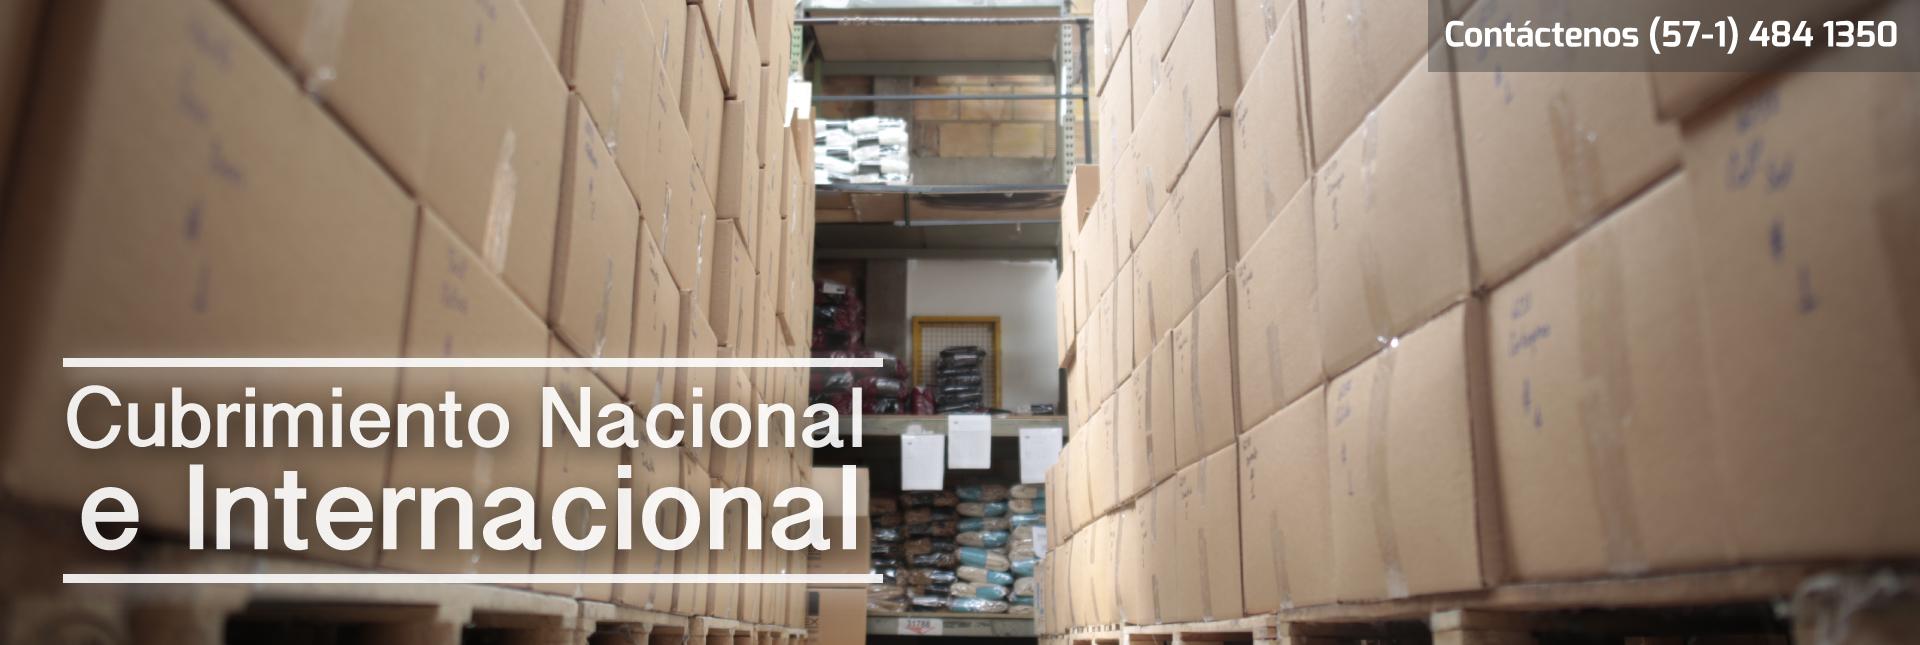 cubrimiento-nacional